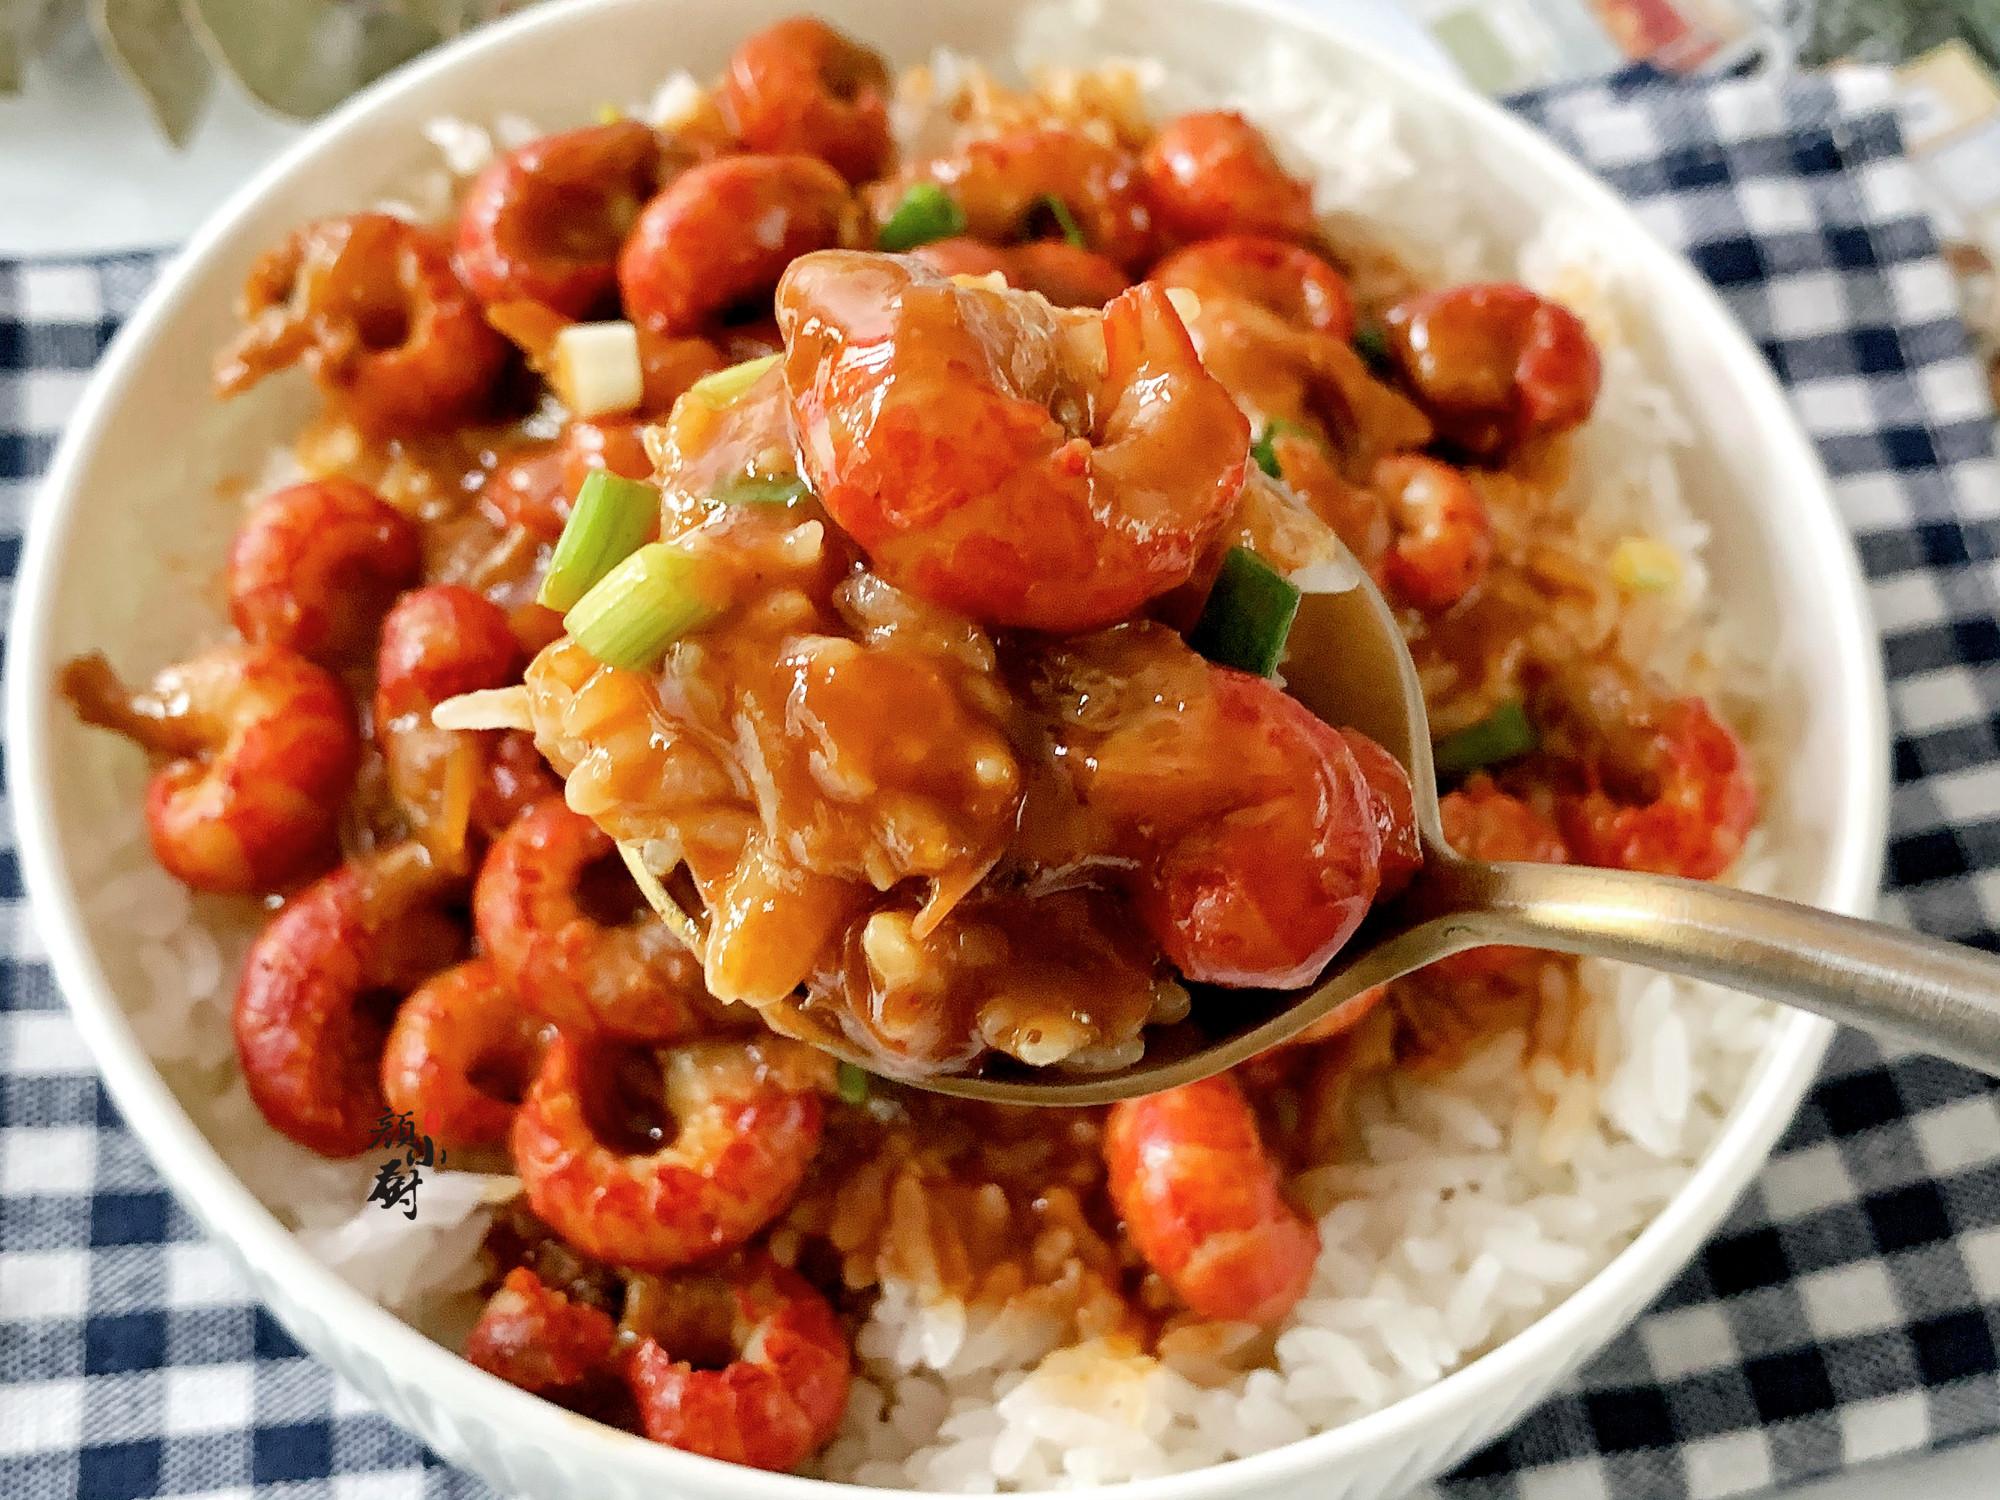 4月最馋这肉,煮一煮5分钟就好,鲜到流口水,好吃停不下筷子 美食做法 第2张